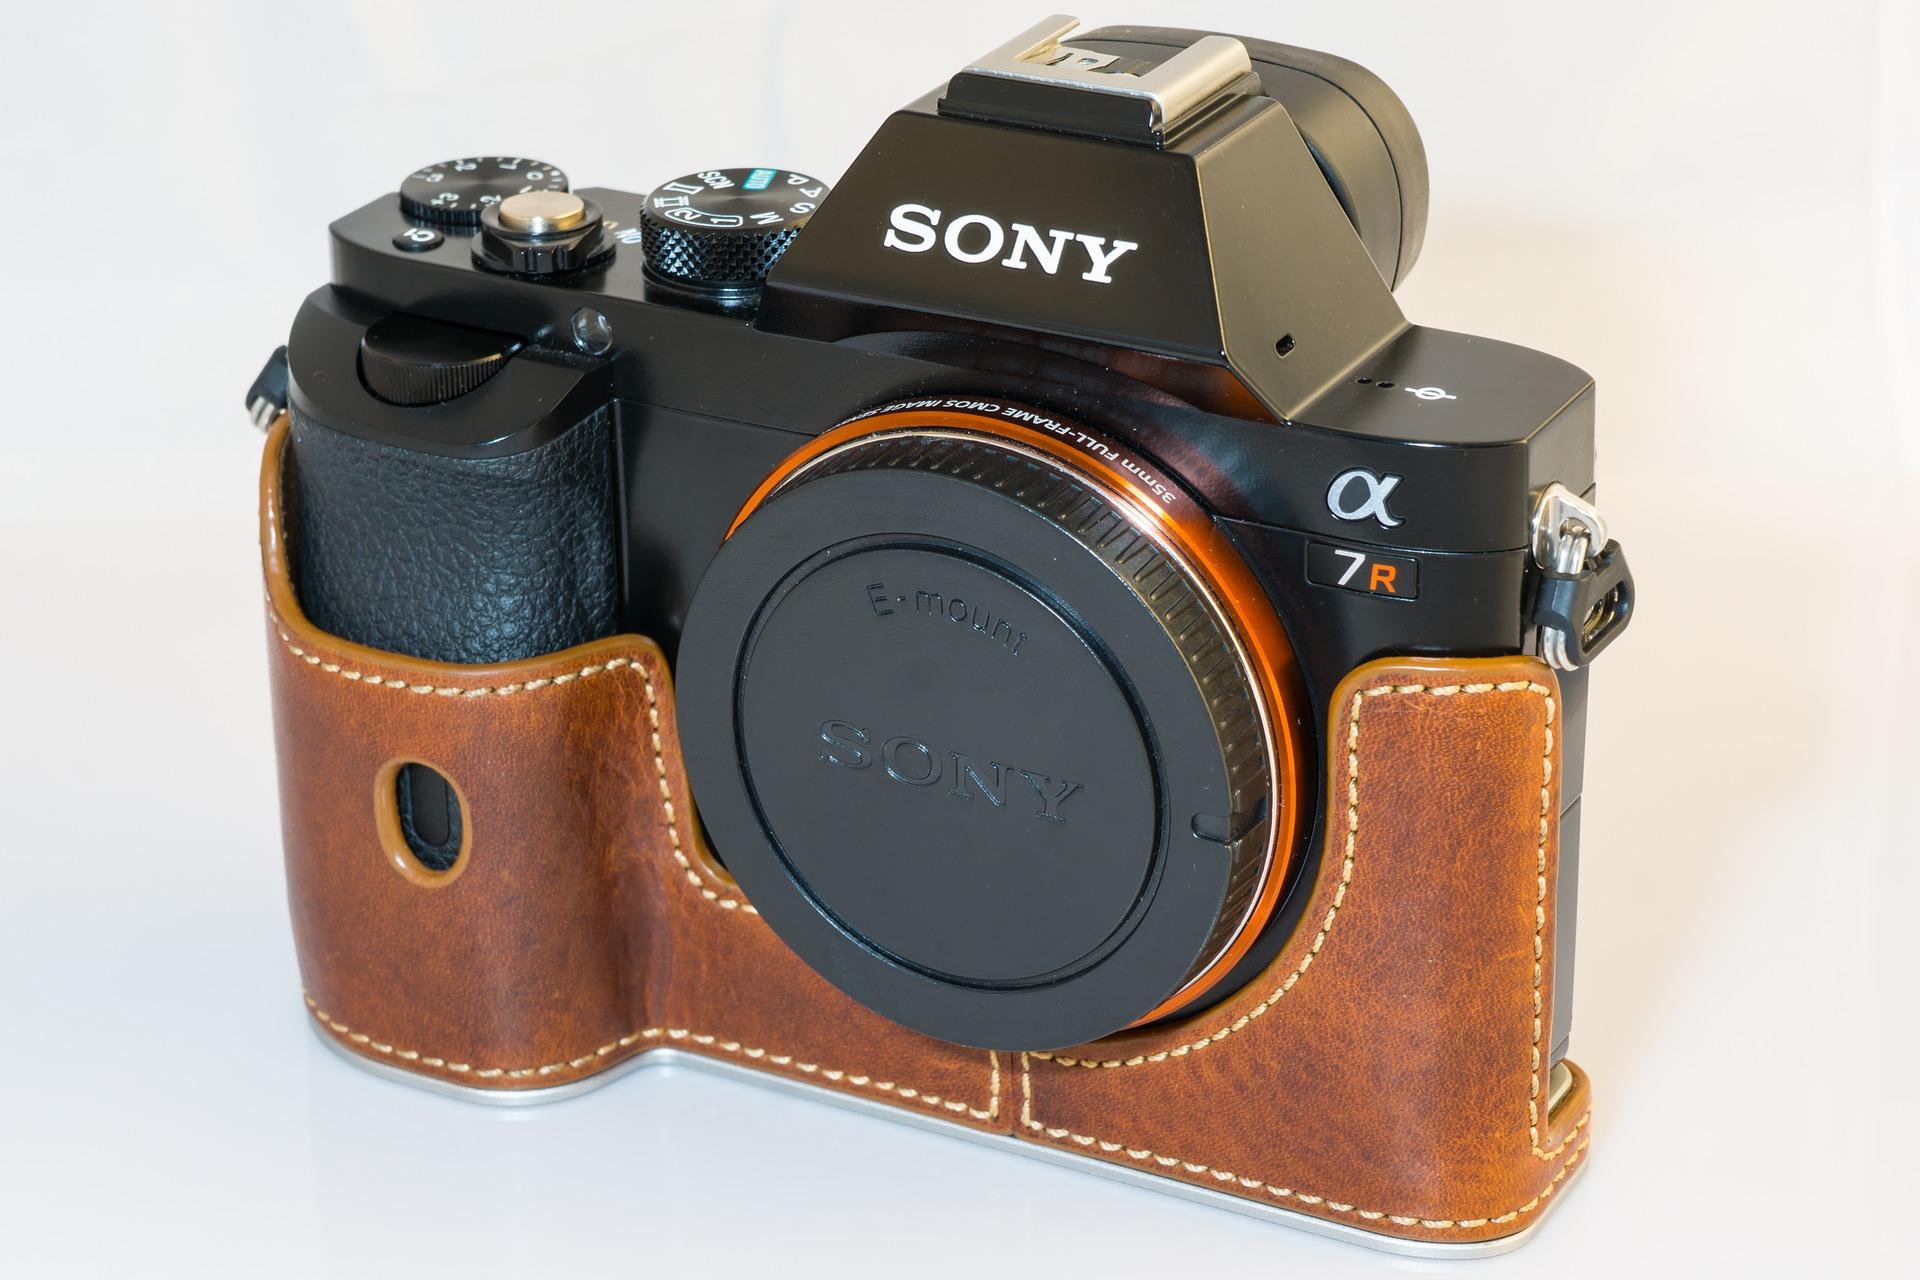 2020年索尼世界攝影大獎比賽結果揭曉,台灣19歲男子謝獻邦榮獲「年度青年攝影師」獎項。圖為一台索尼照相機,與本文無關。(Pixabay)